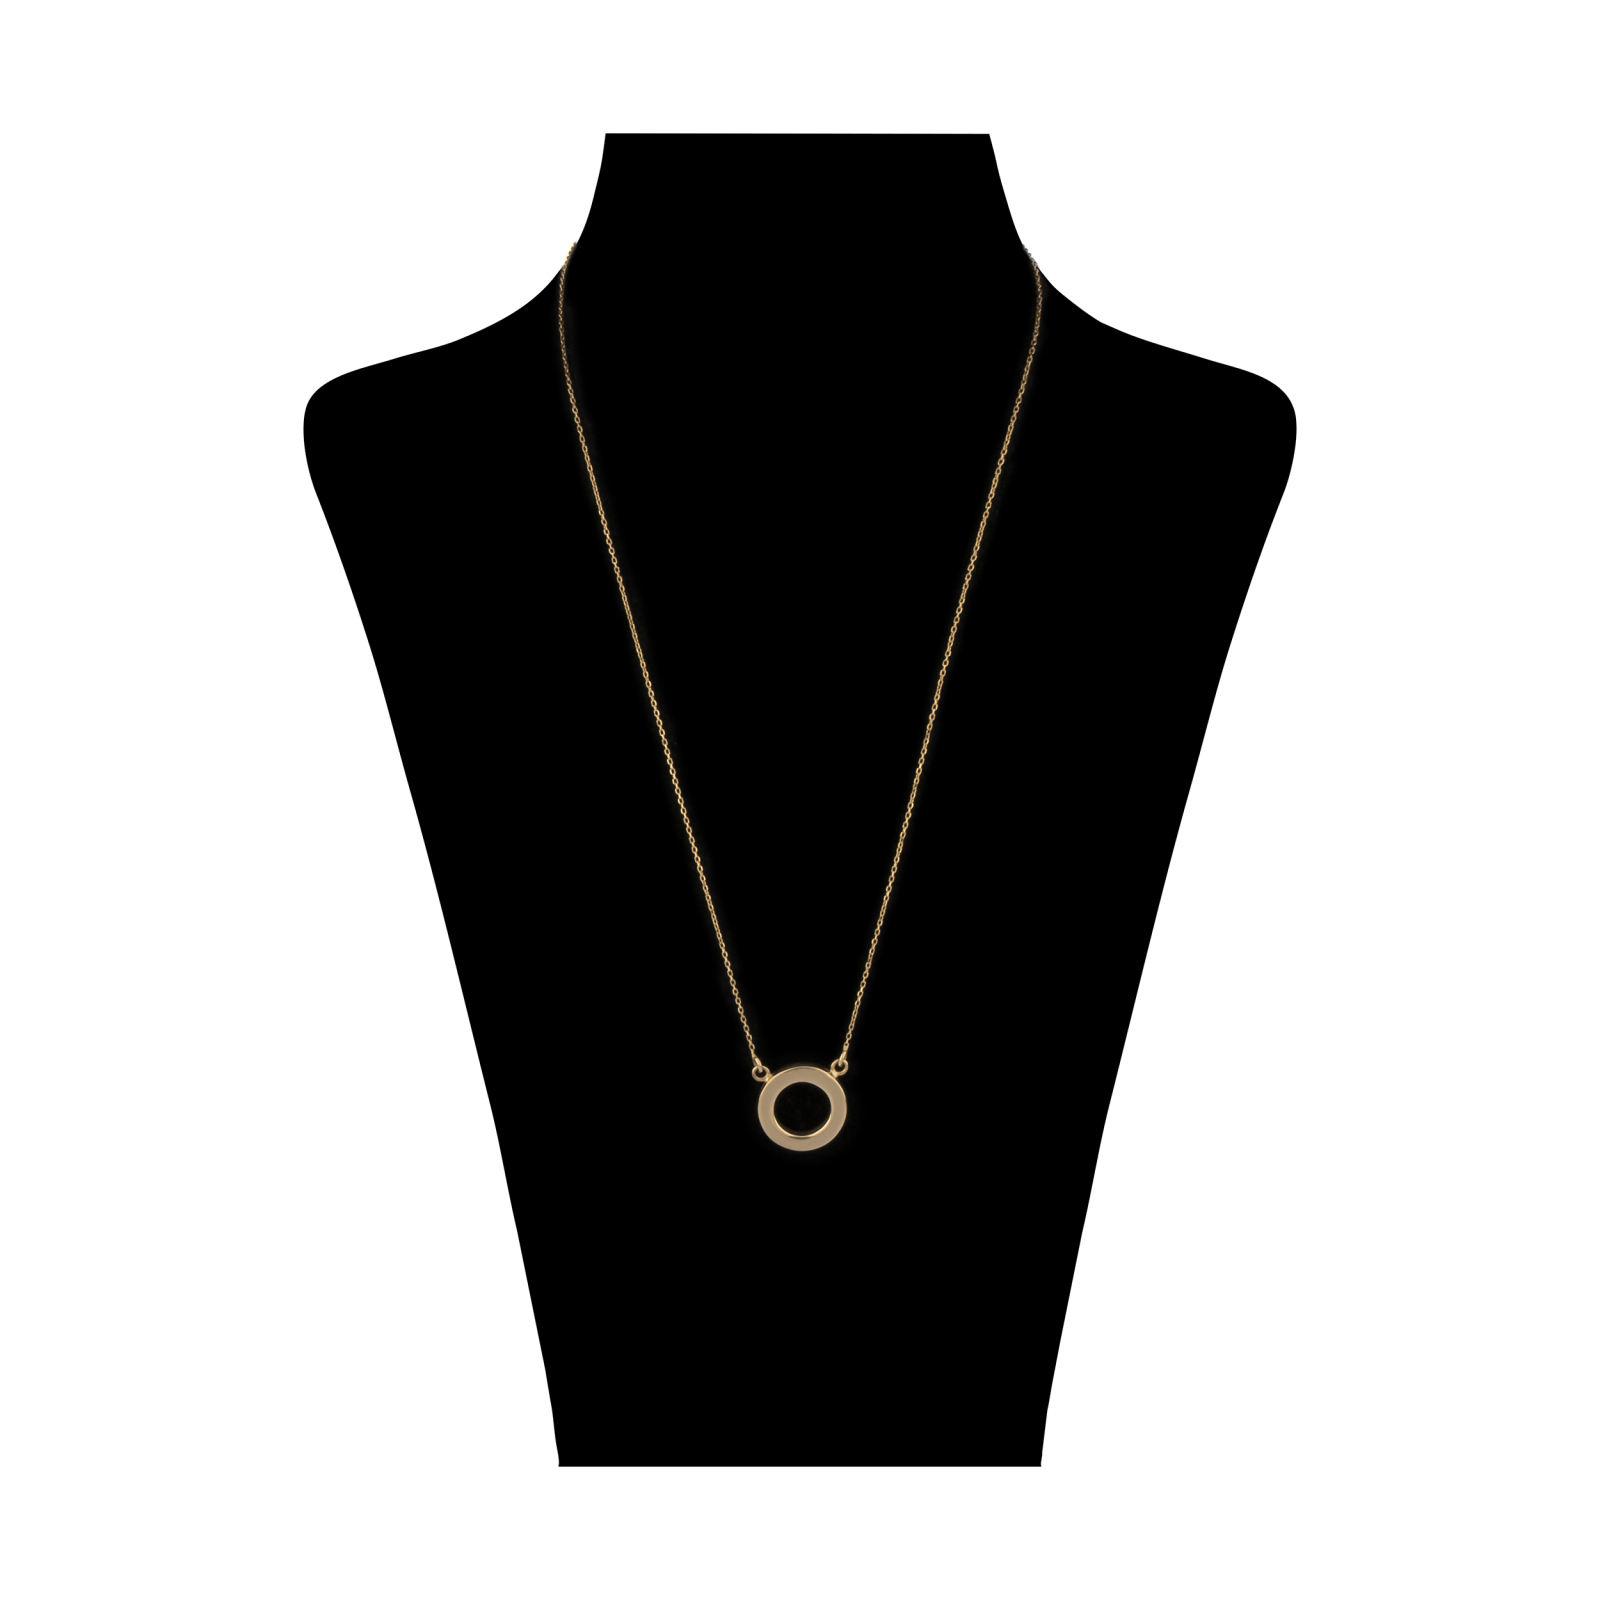 گردنبند طلا 18 عیار زنانه سنجاق مدل X052323 -  - 2